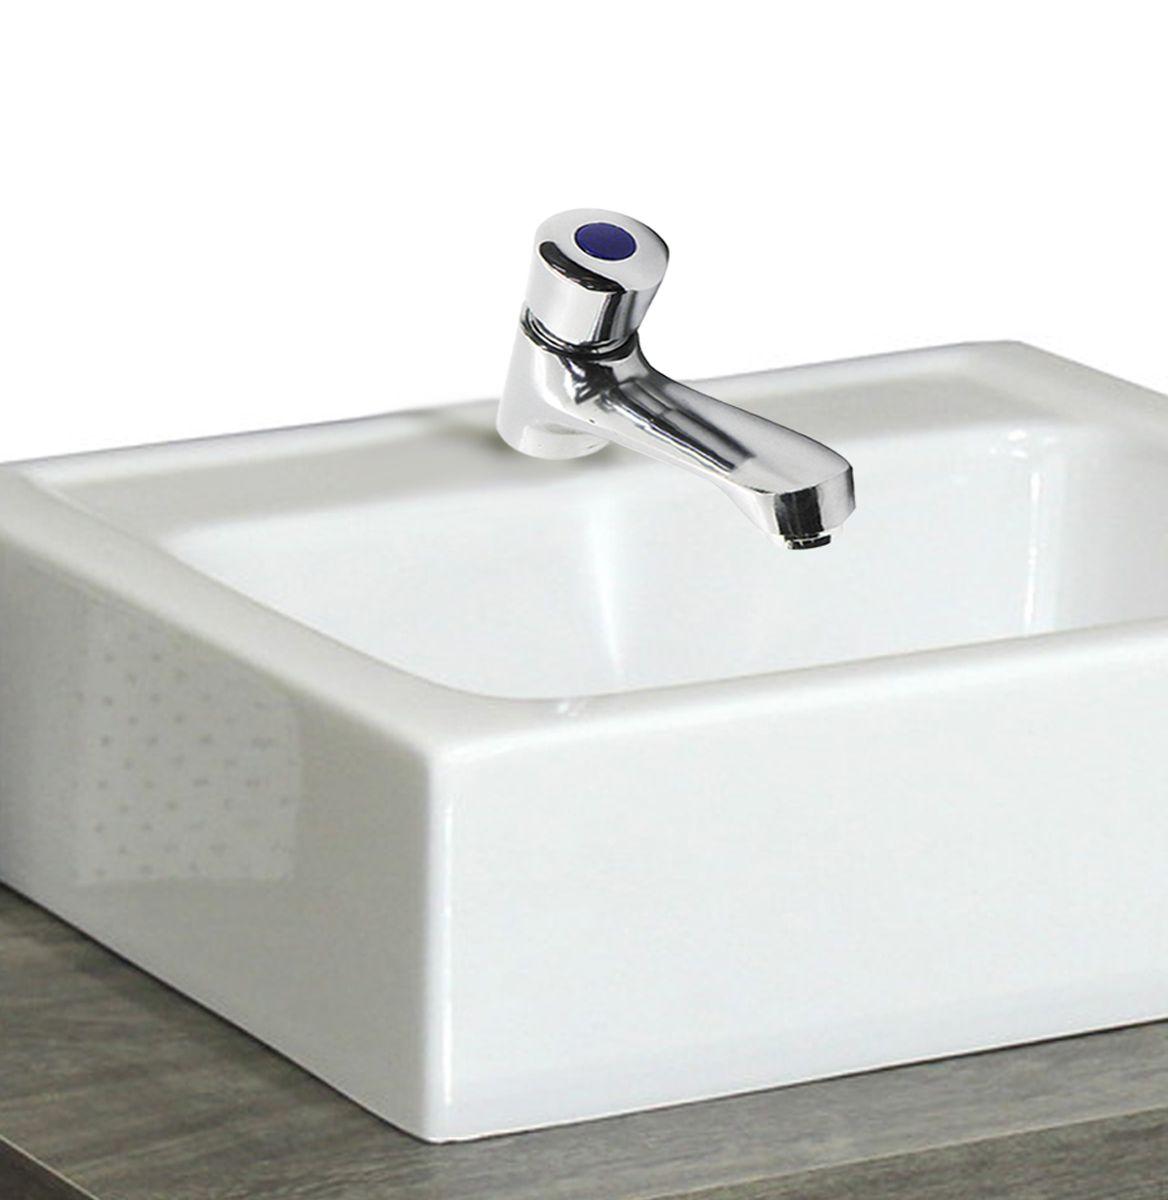 Torneira Automatica Pressão Aço Inoxidavel Banheiro Restaurante Pia